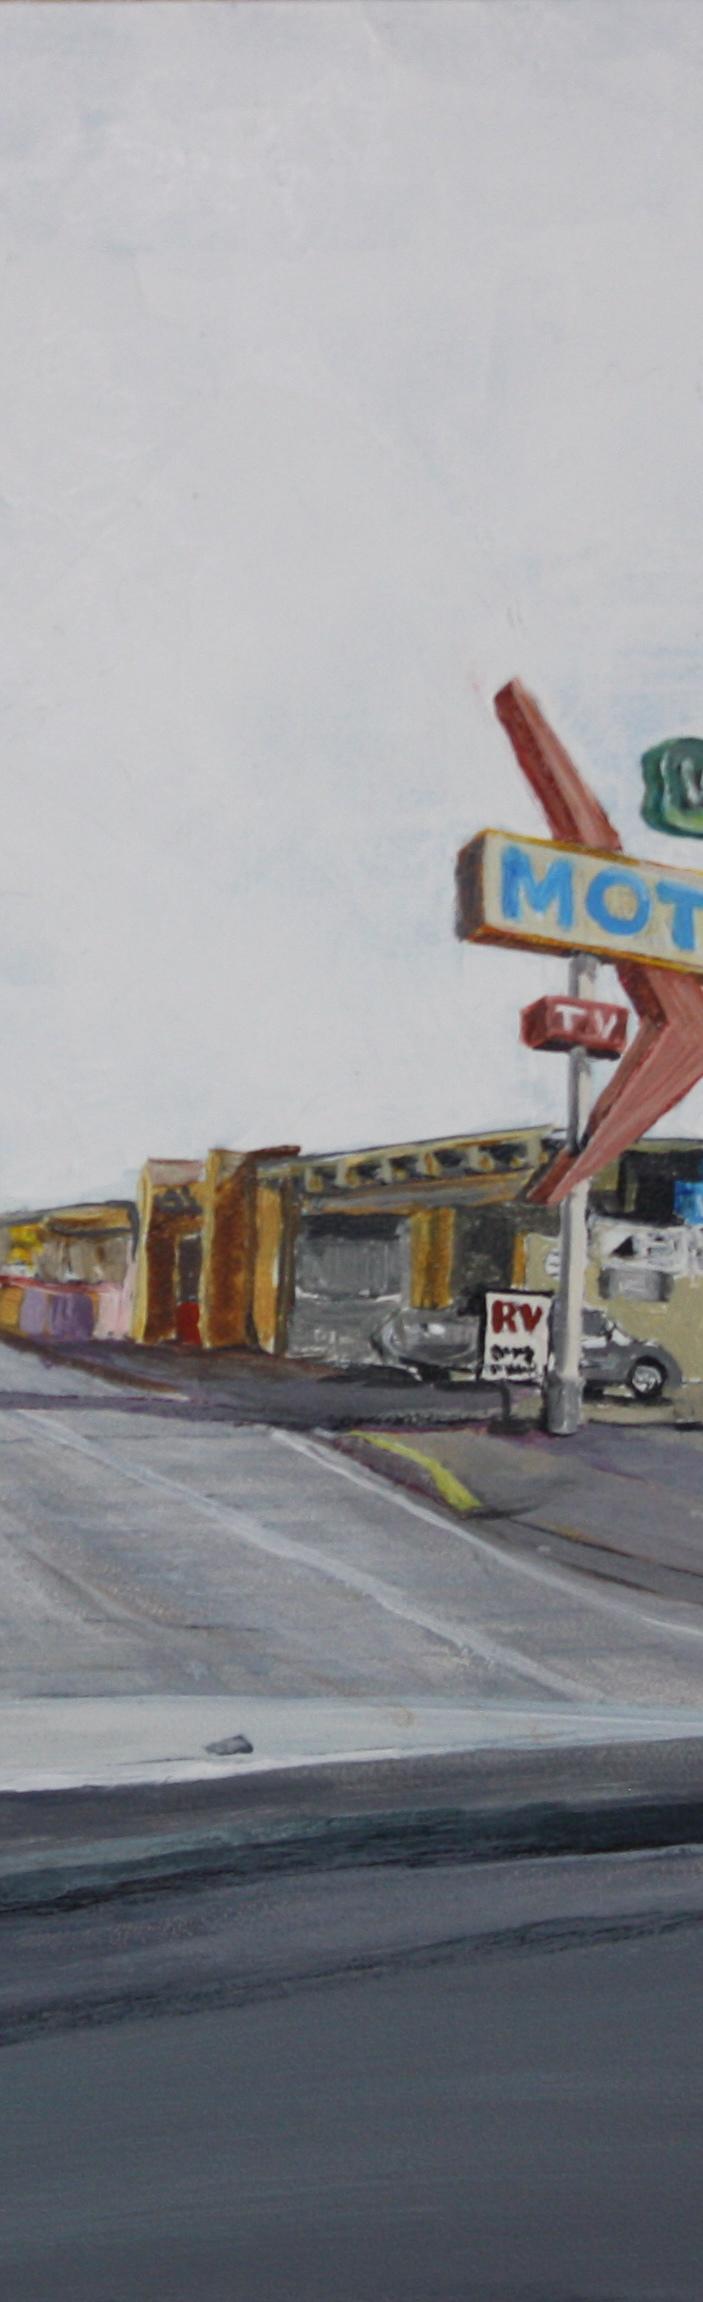 12 Roads: Paintings by Louie Va #4